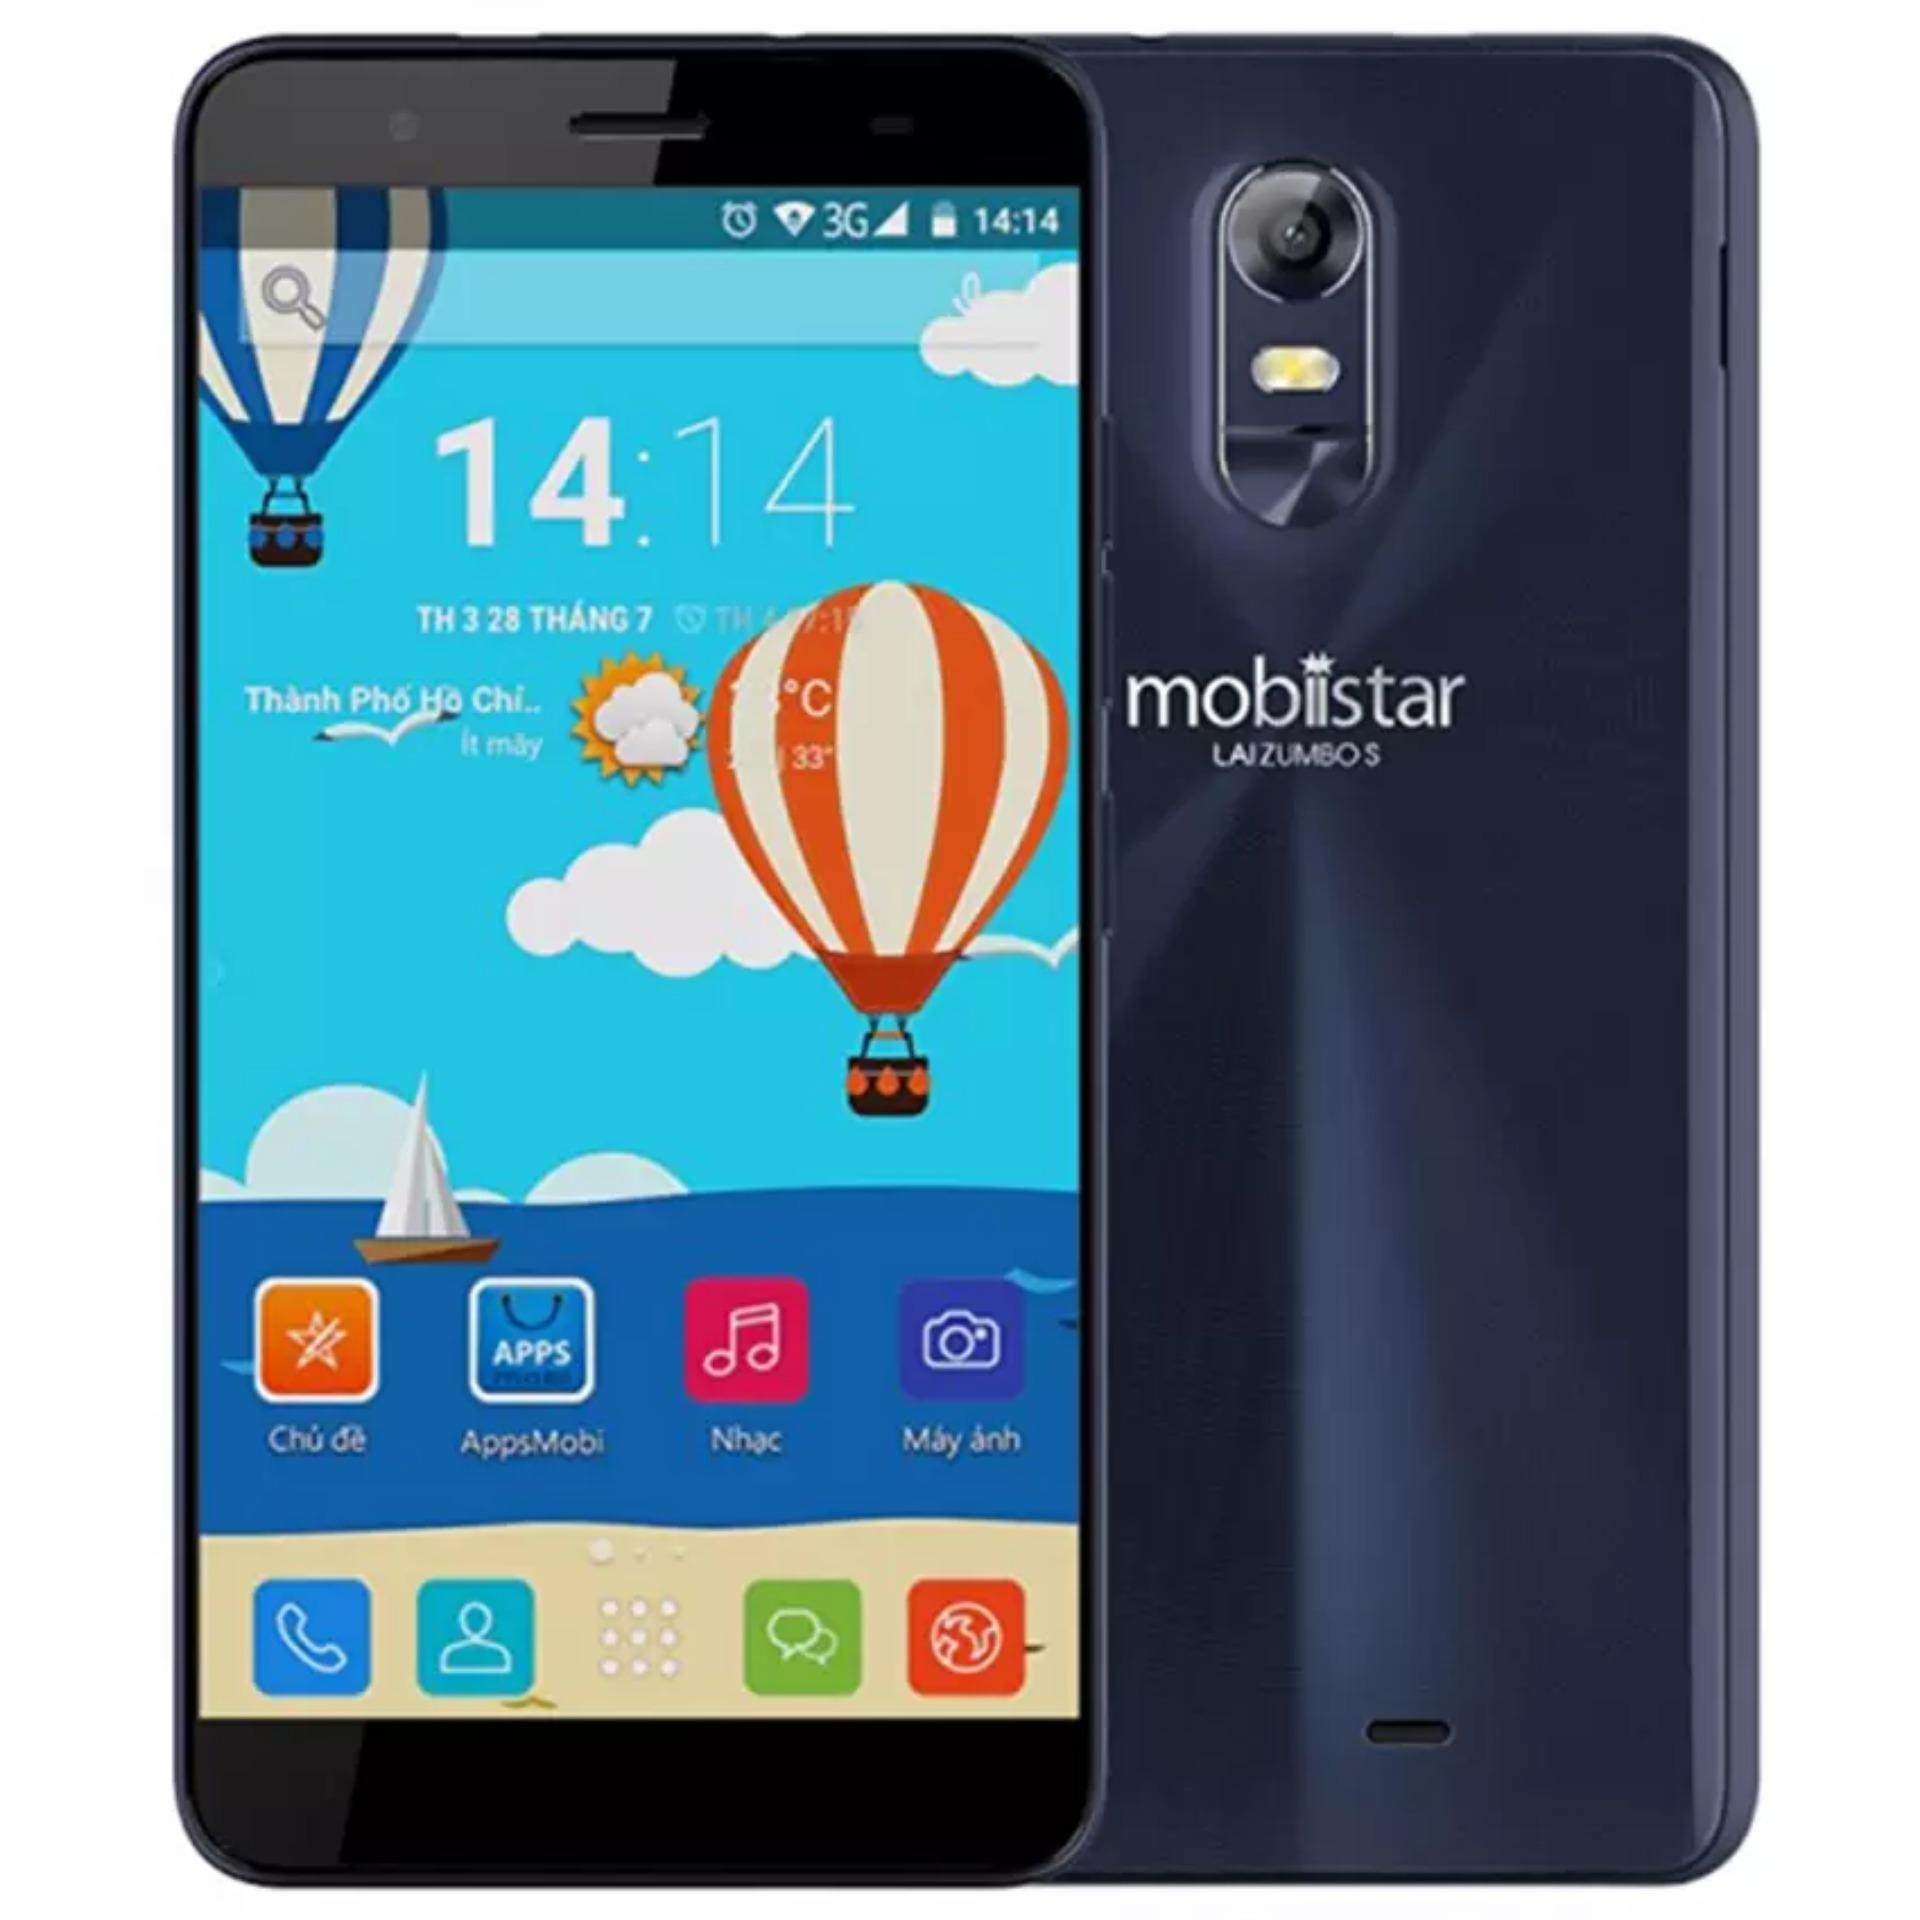 Mobiistar LAI Zumbo S 16GB (Đen)- Hãng Phân phối chính thức